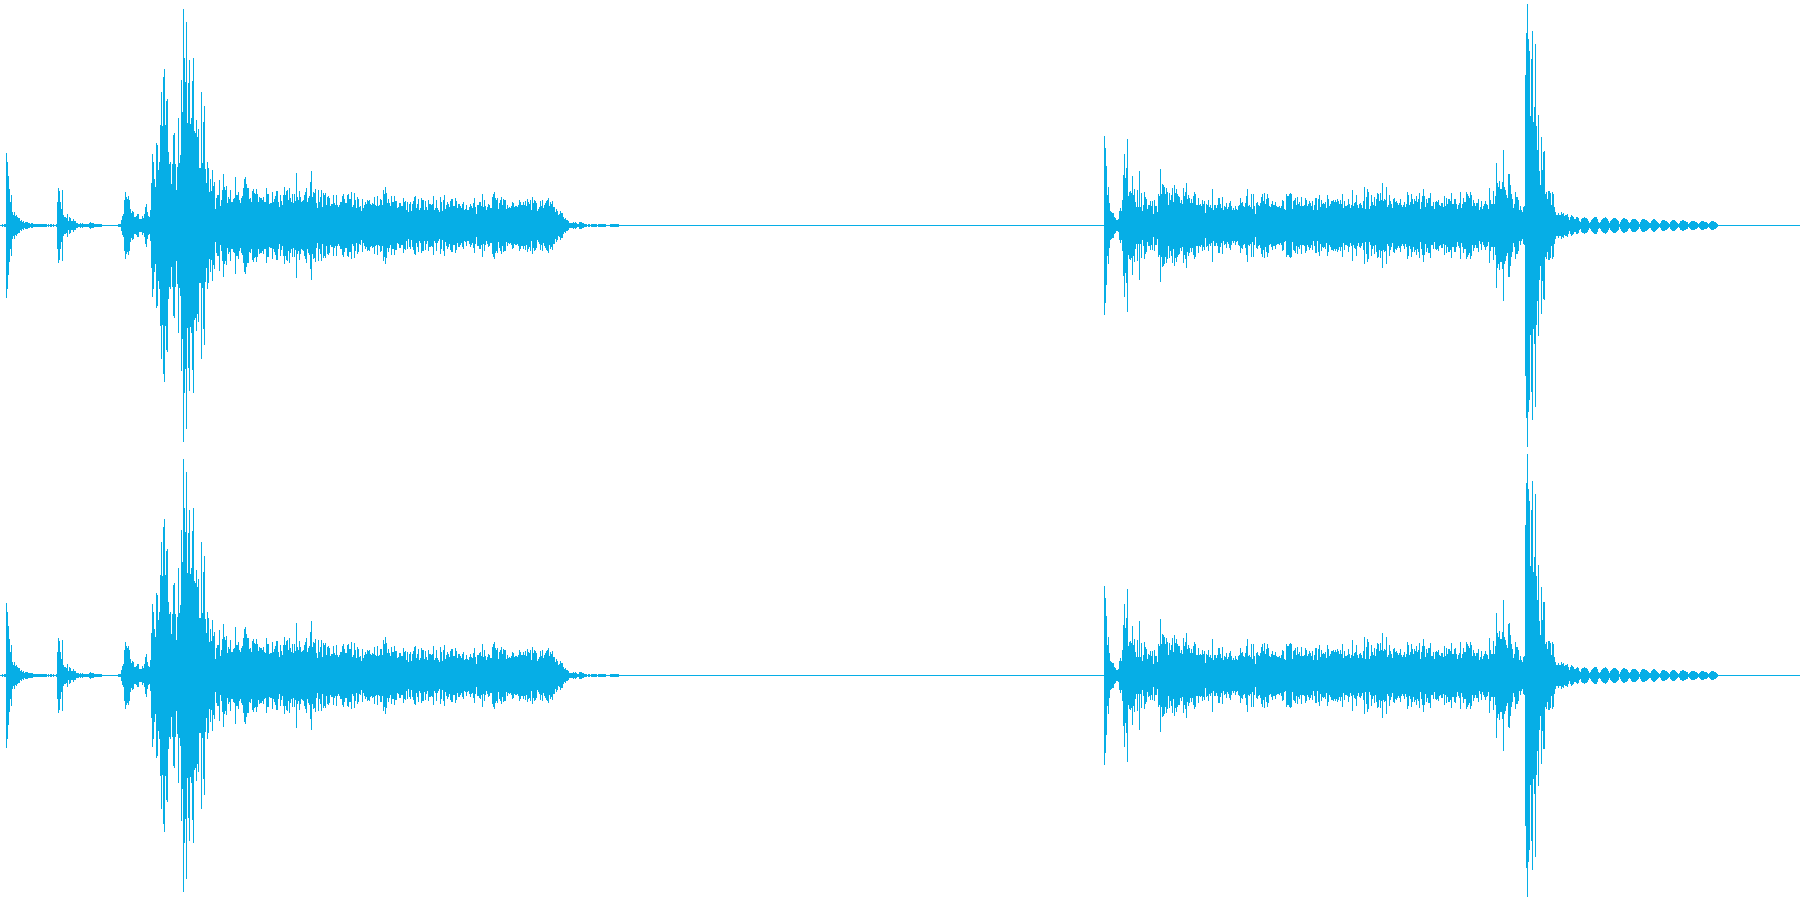 Bluerayデッキのトレイ出し入れ音の再生済みの波形